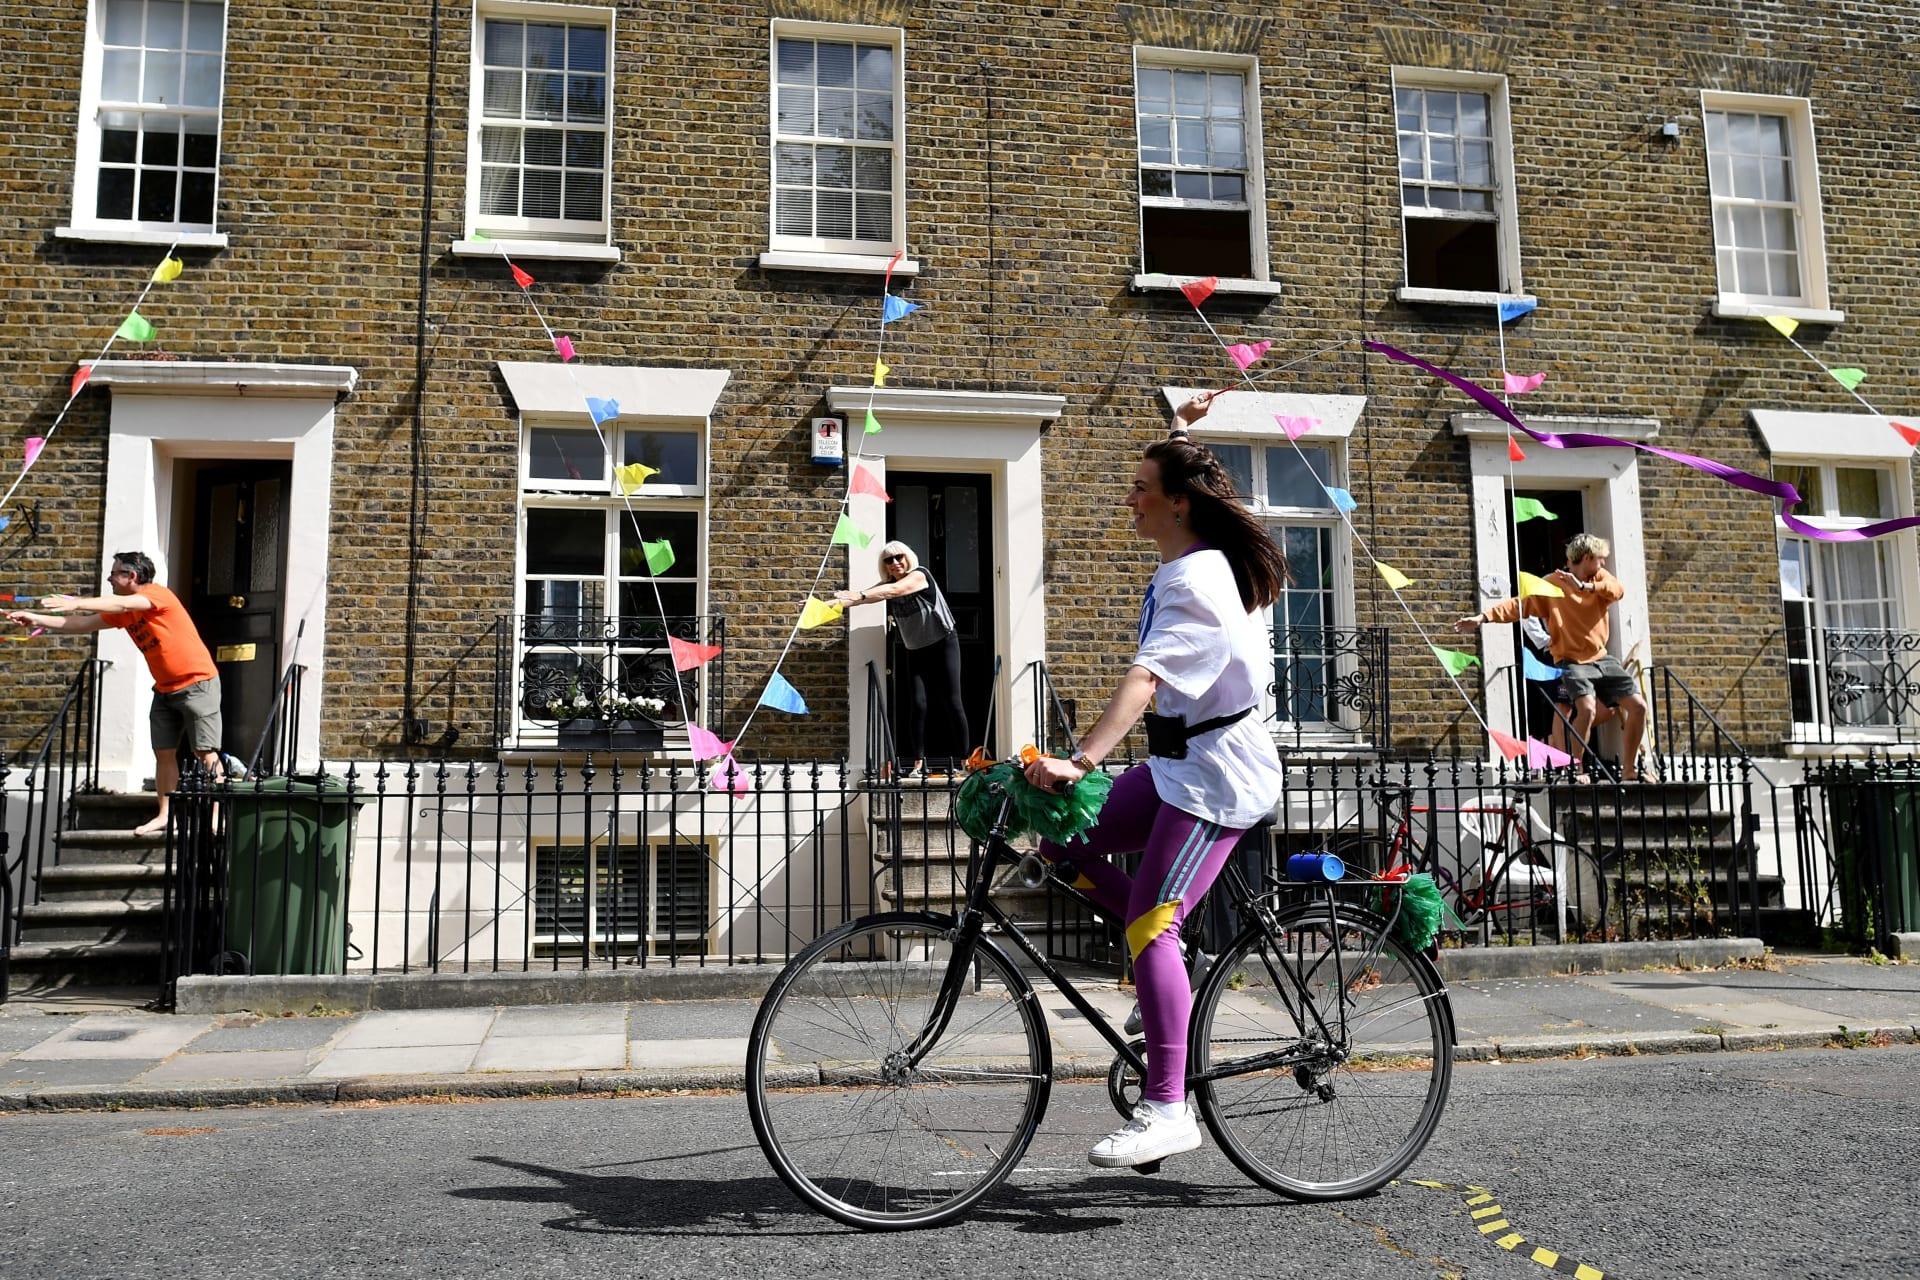 بريطانيا تكشف عن خطة بقيمة 2.58 مليار دولار للتشجيع على ركوب الدراجات والمشي